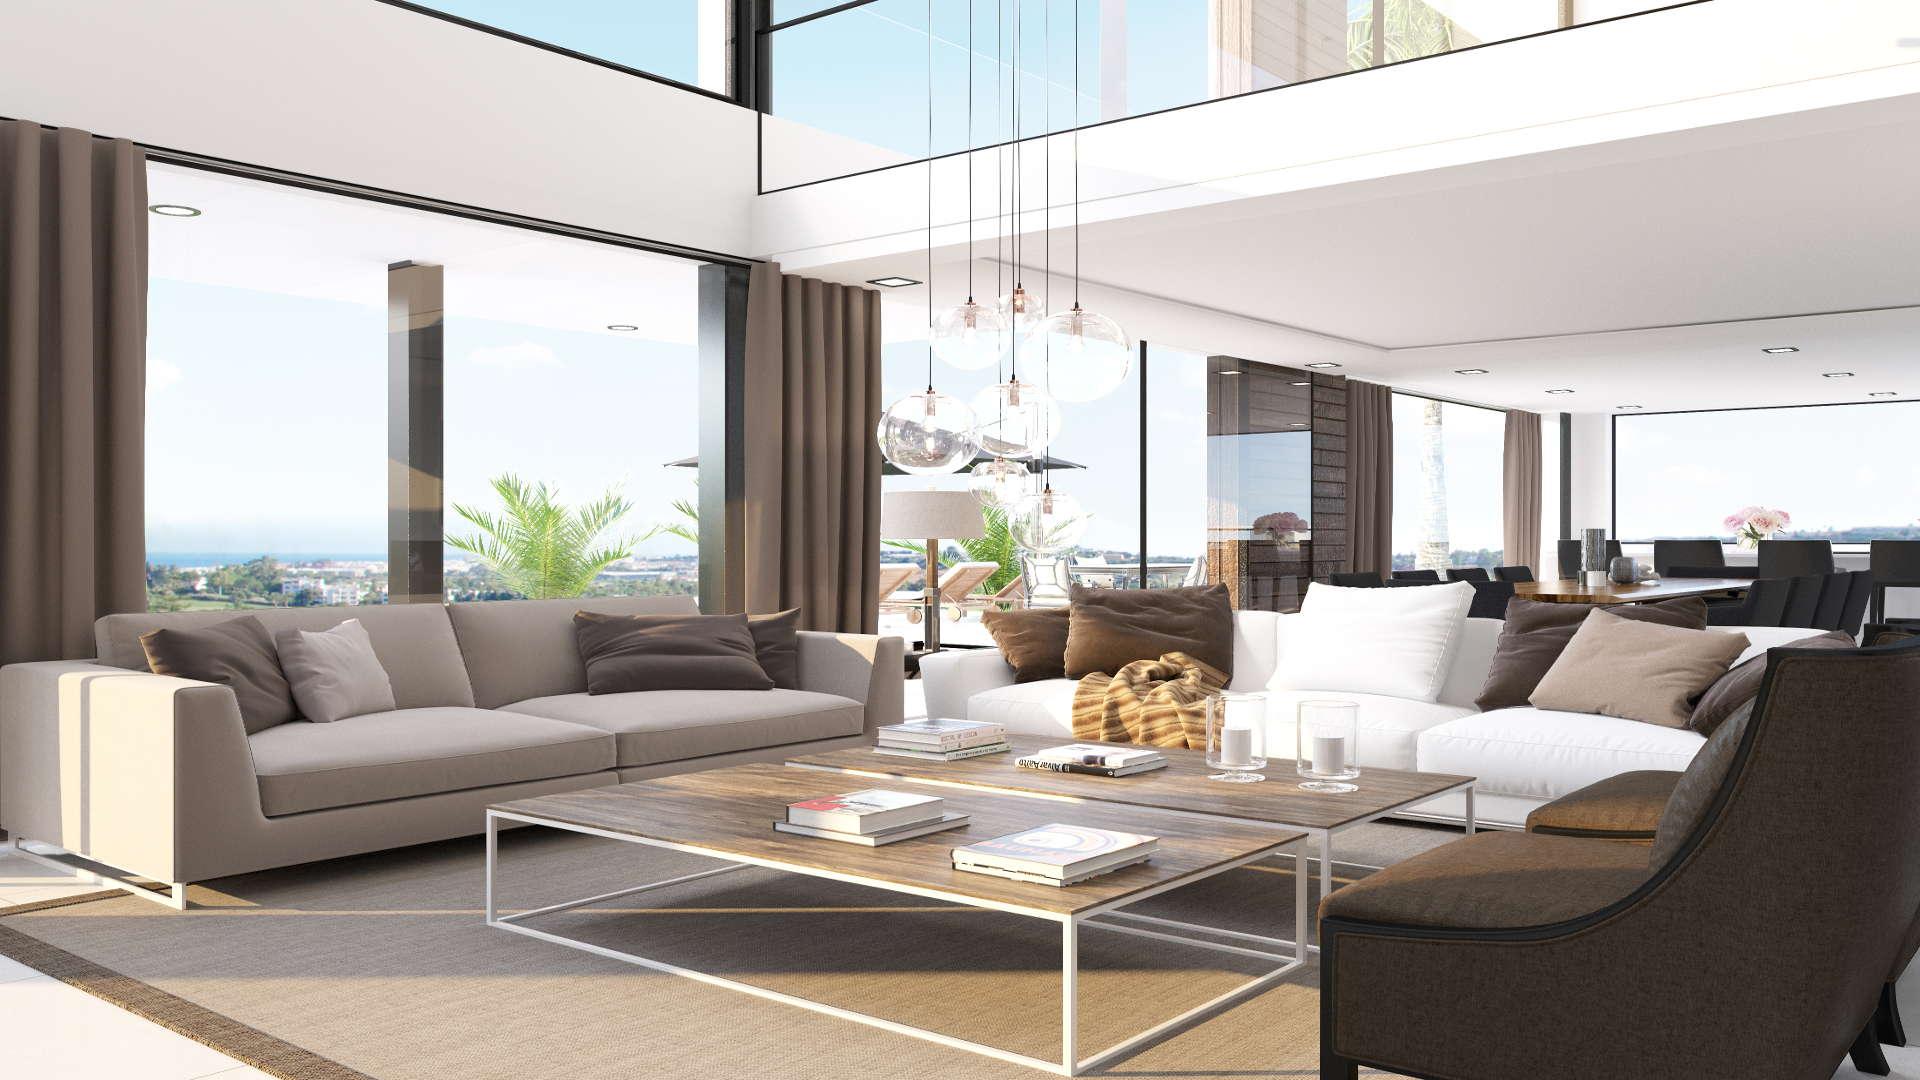 New villa in los olivos nueva andalucia marbella for sale u2022 realista